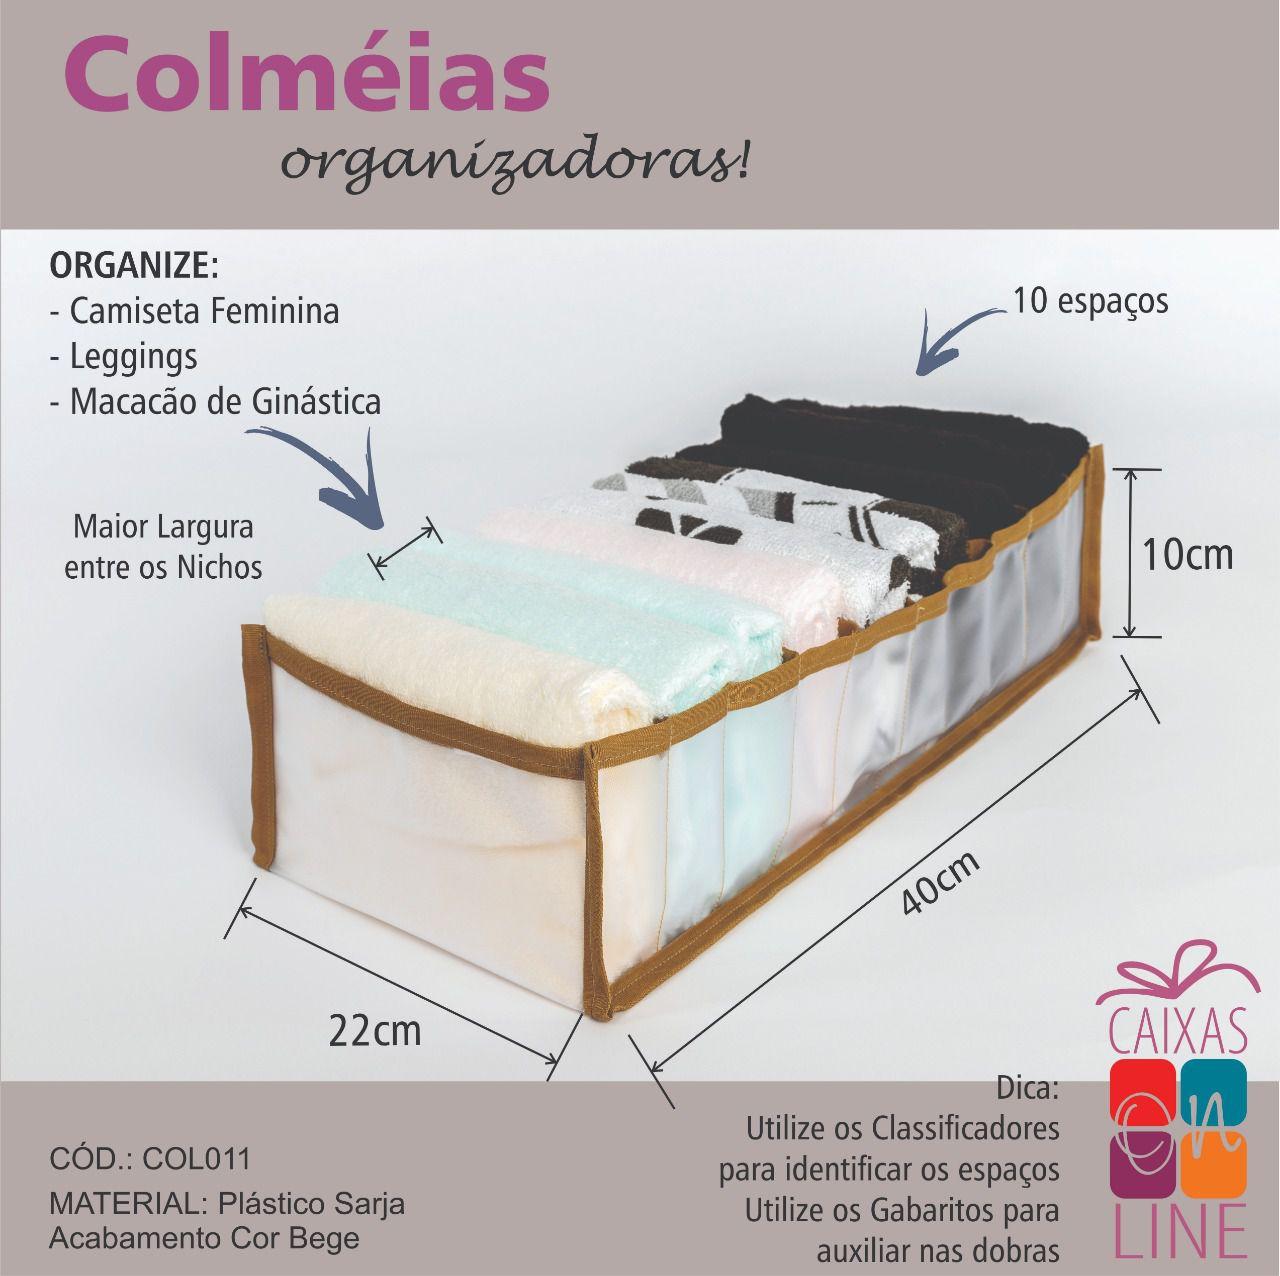 Colmeia Organizadora – Camiseta Feminina/ Legging/ Macacão Ginástica (BEGE)